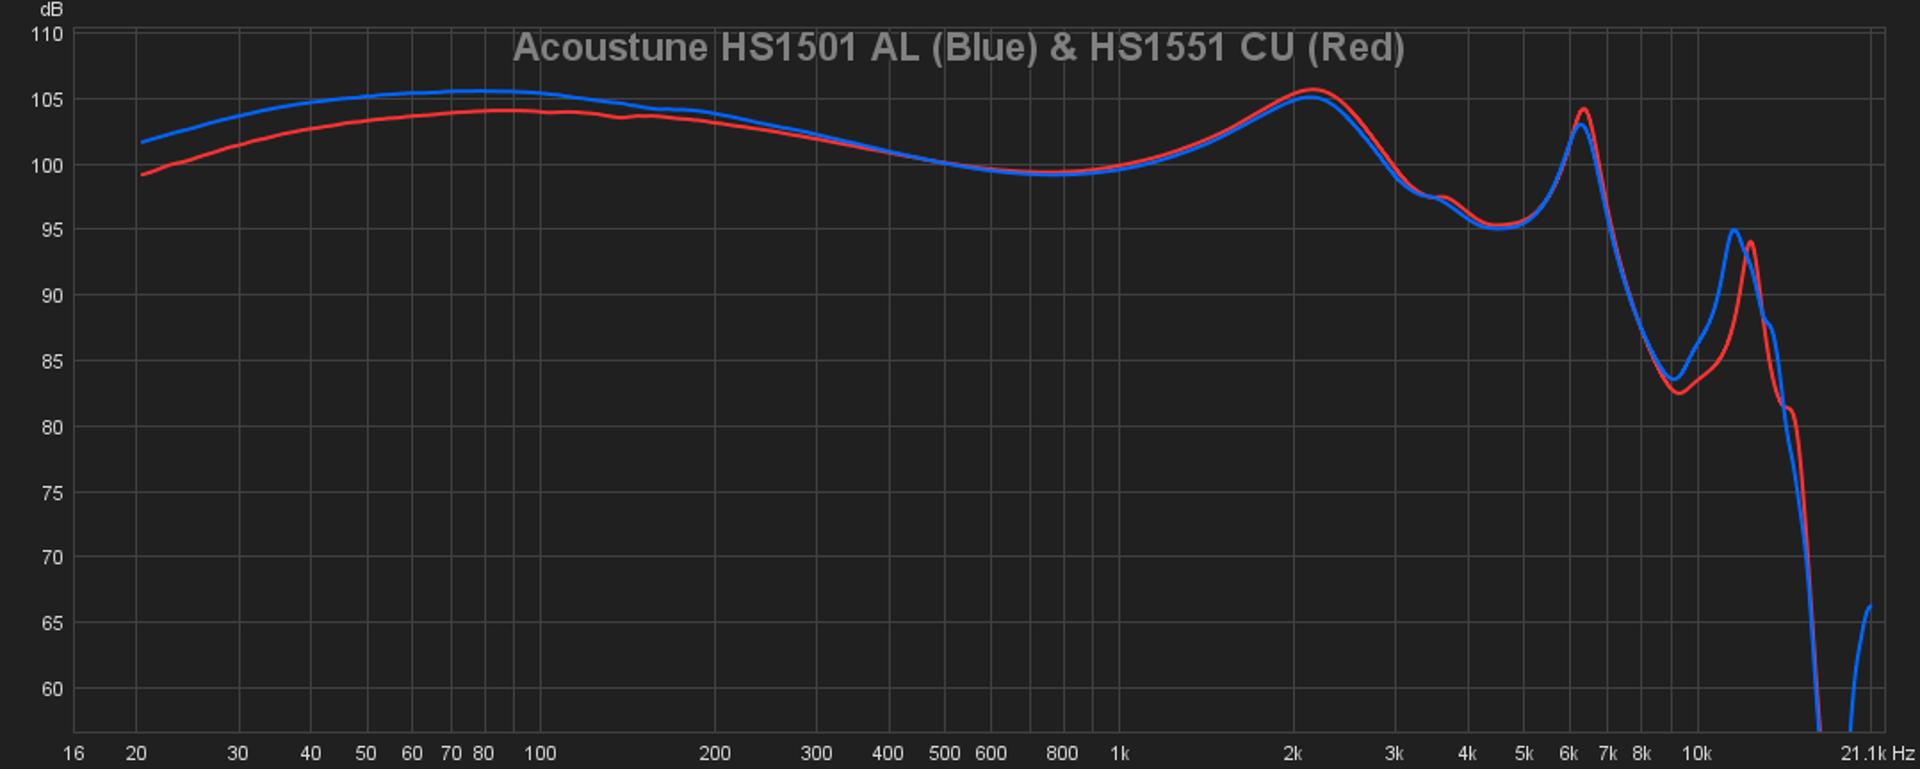 Acoustune HS1501 AL and HS1551 CU.png